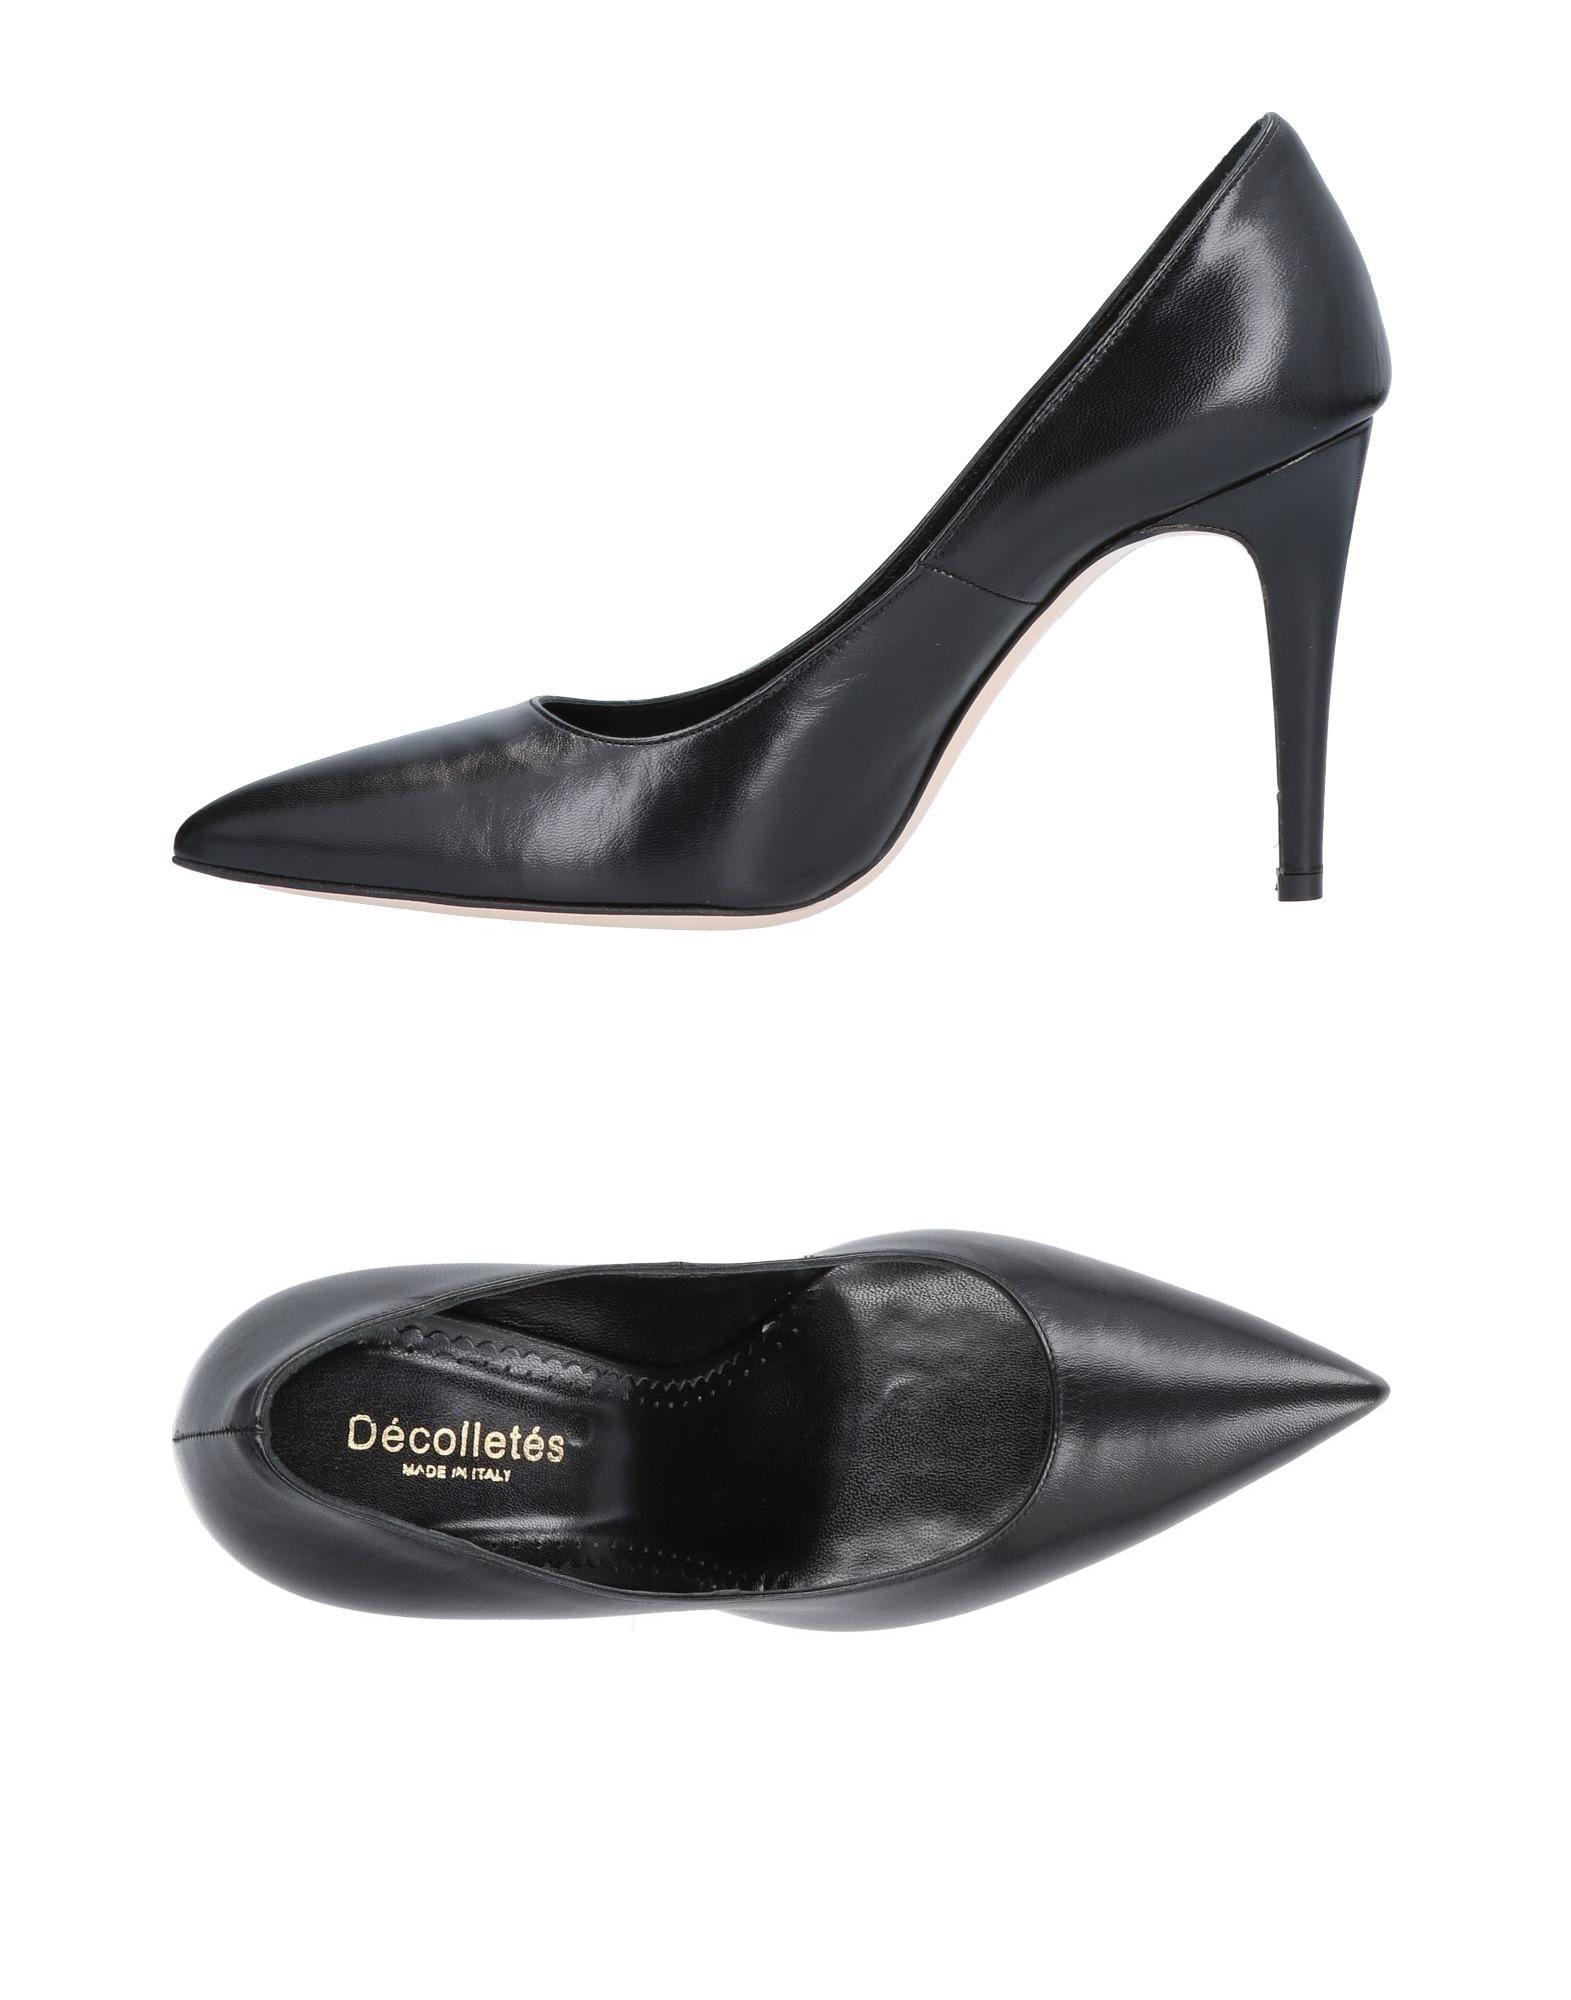 Decolletés Pumps Damen  11360449HW Gute Qualität beliebte Schuhe